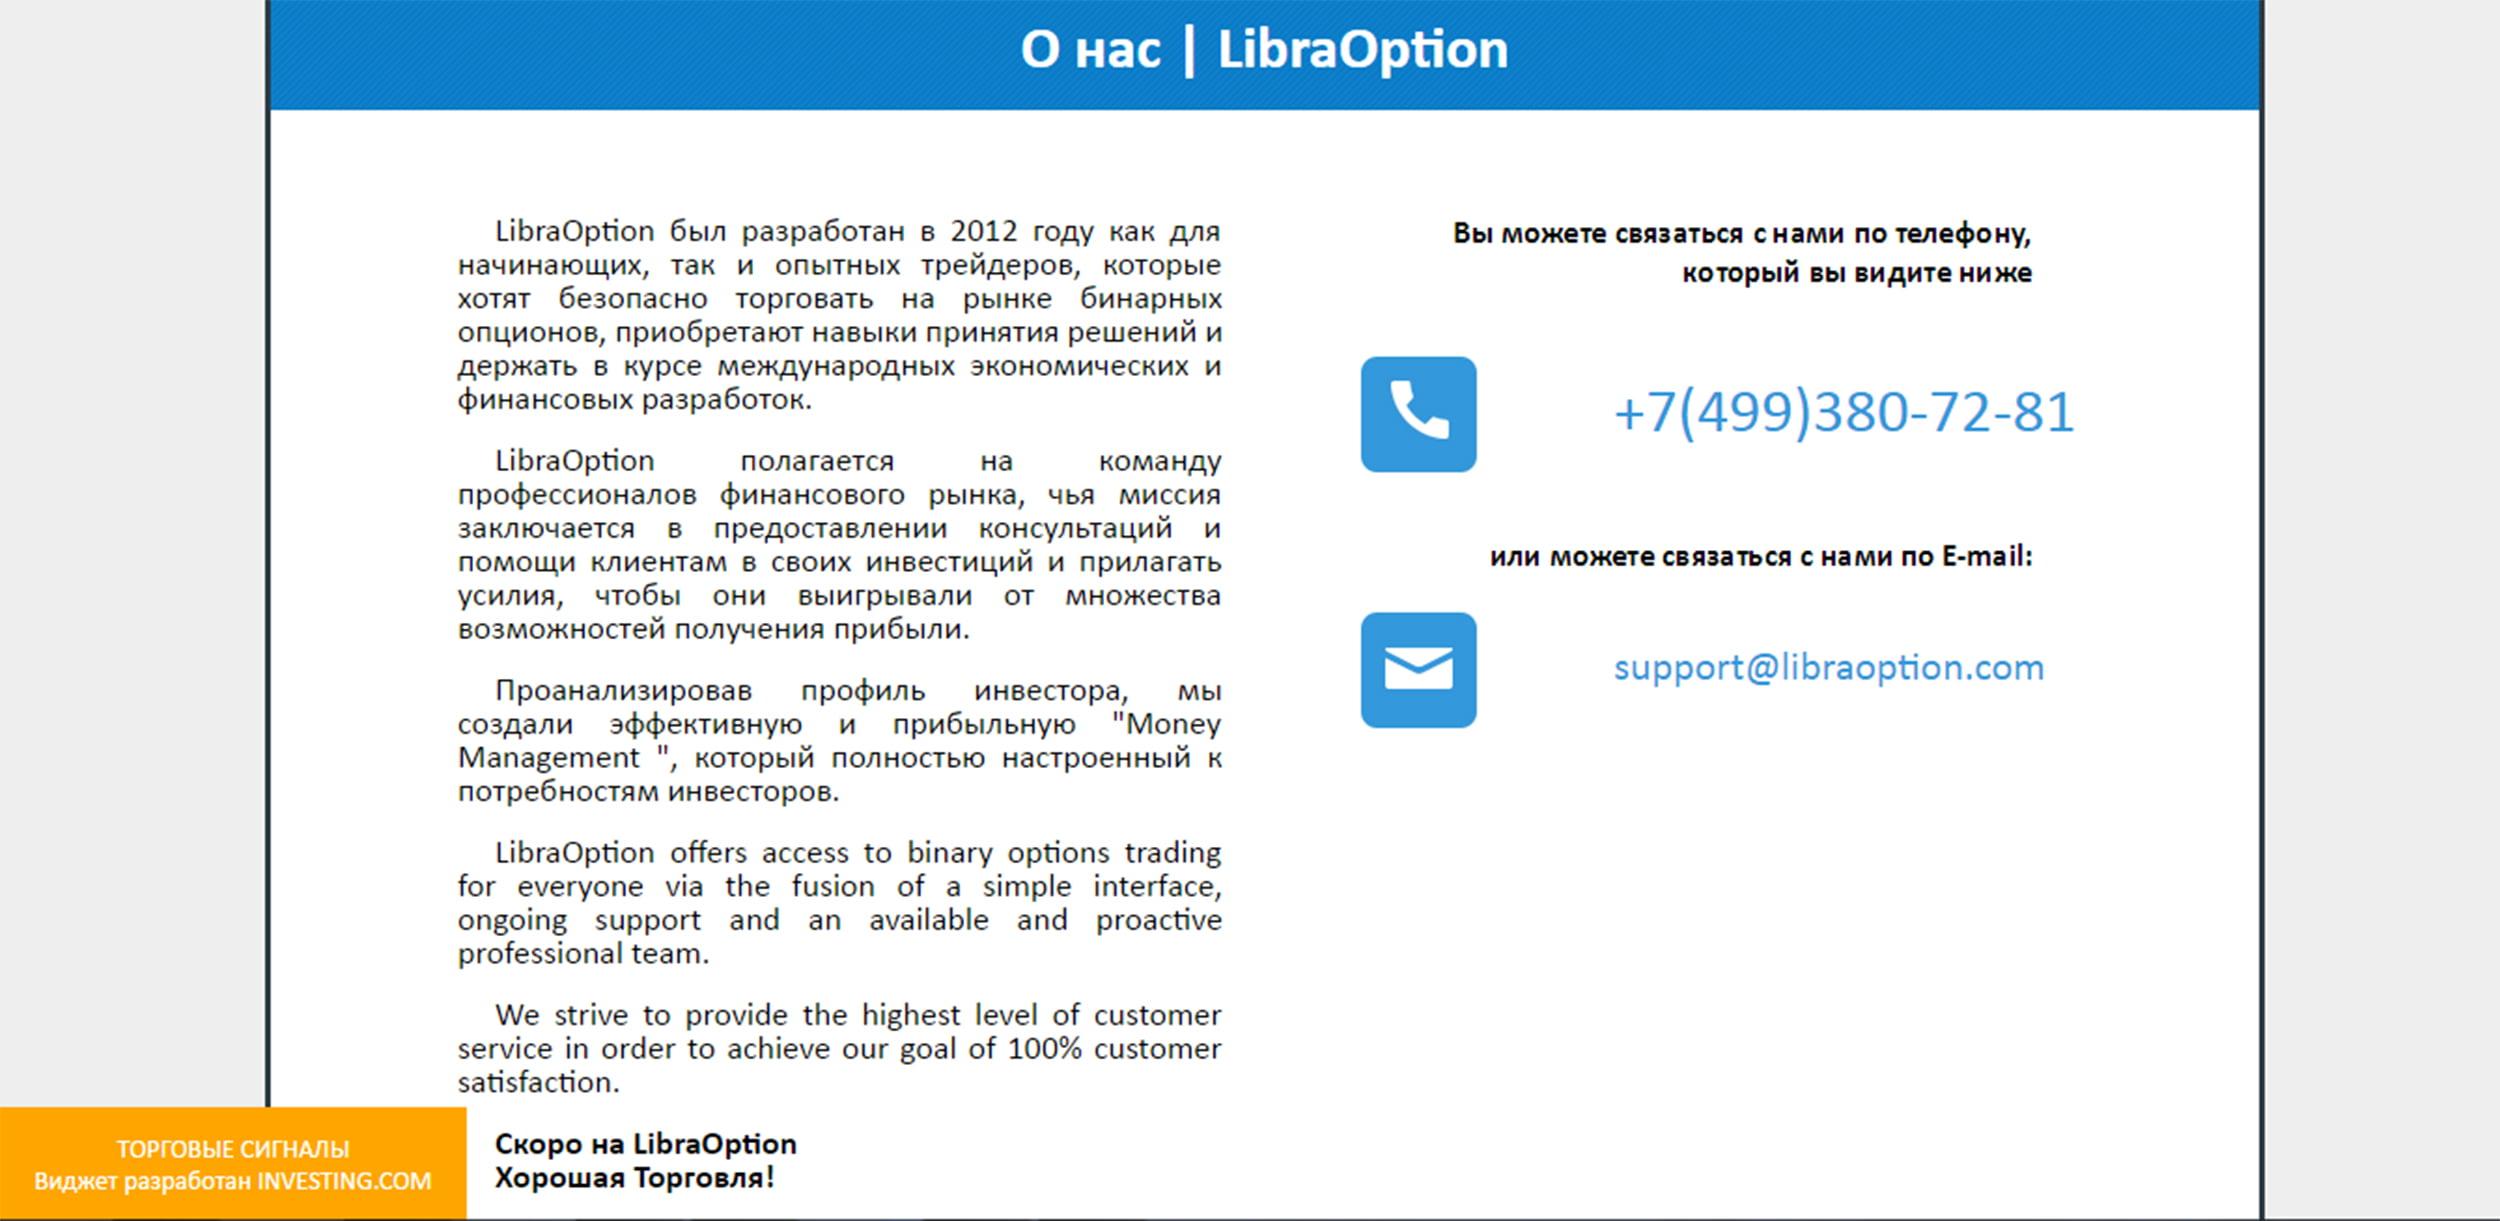 Раздел «О нас» брокера LibraOption